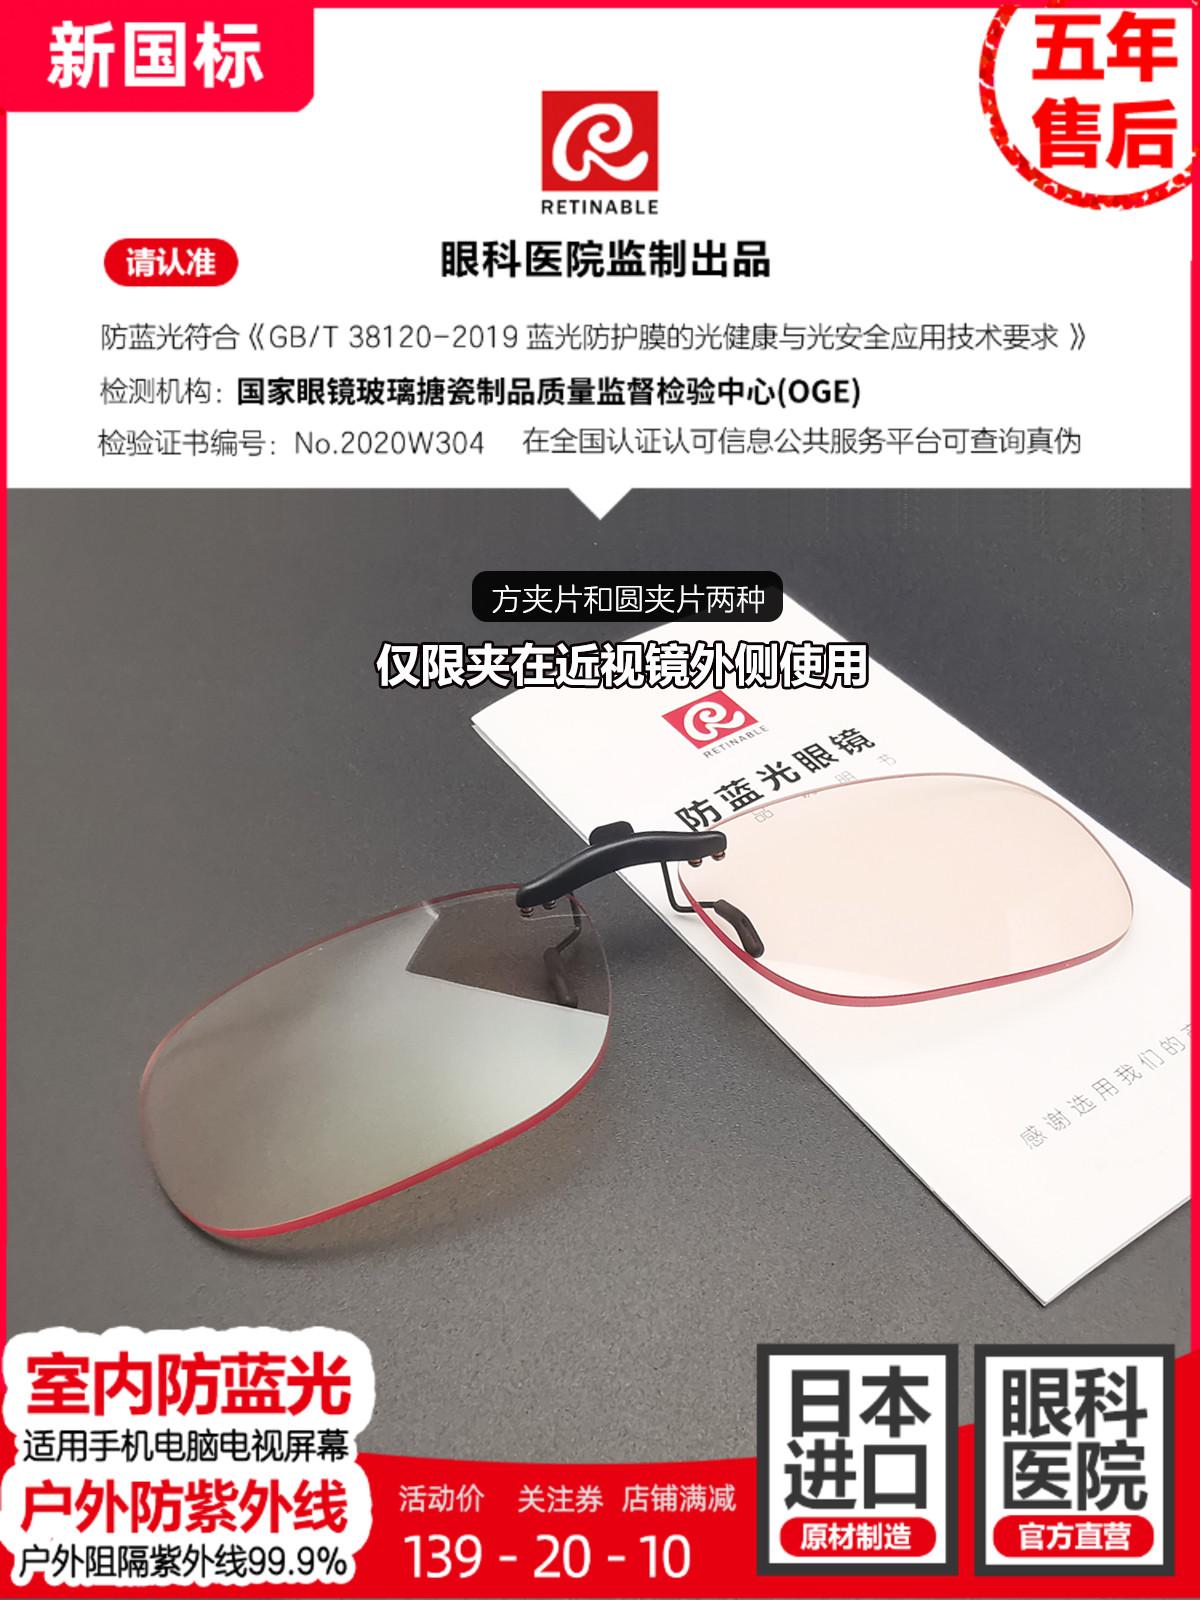 眼科医院直营 Retinable 睿特保 日本三菱镜片 防蓝光眼镜夹片 聚划算天猫优惠券折后¥119包邮(¥139-20)赠护眼贴